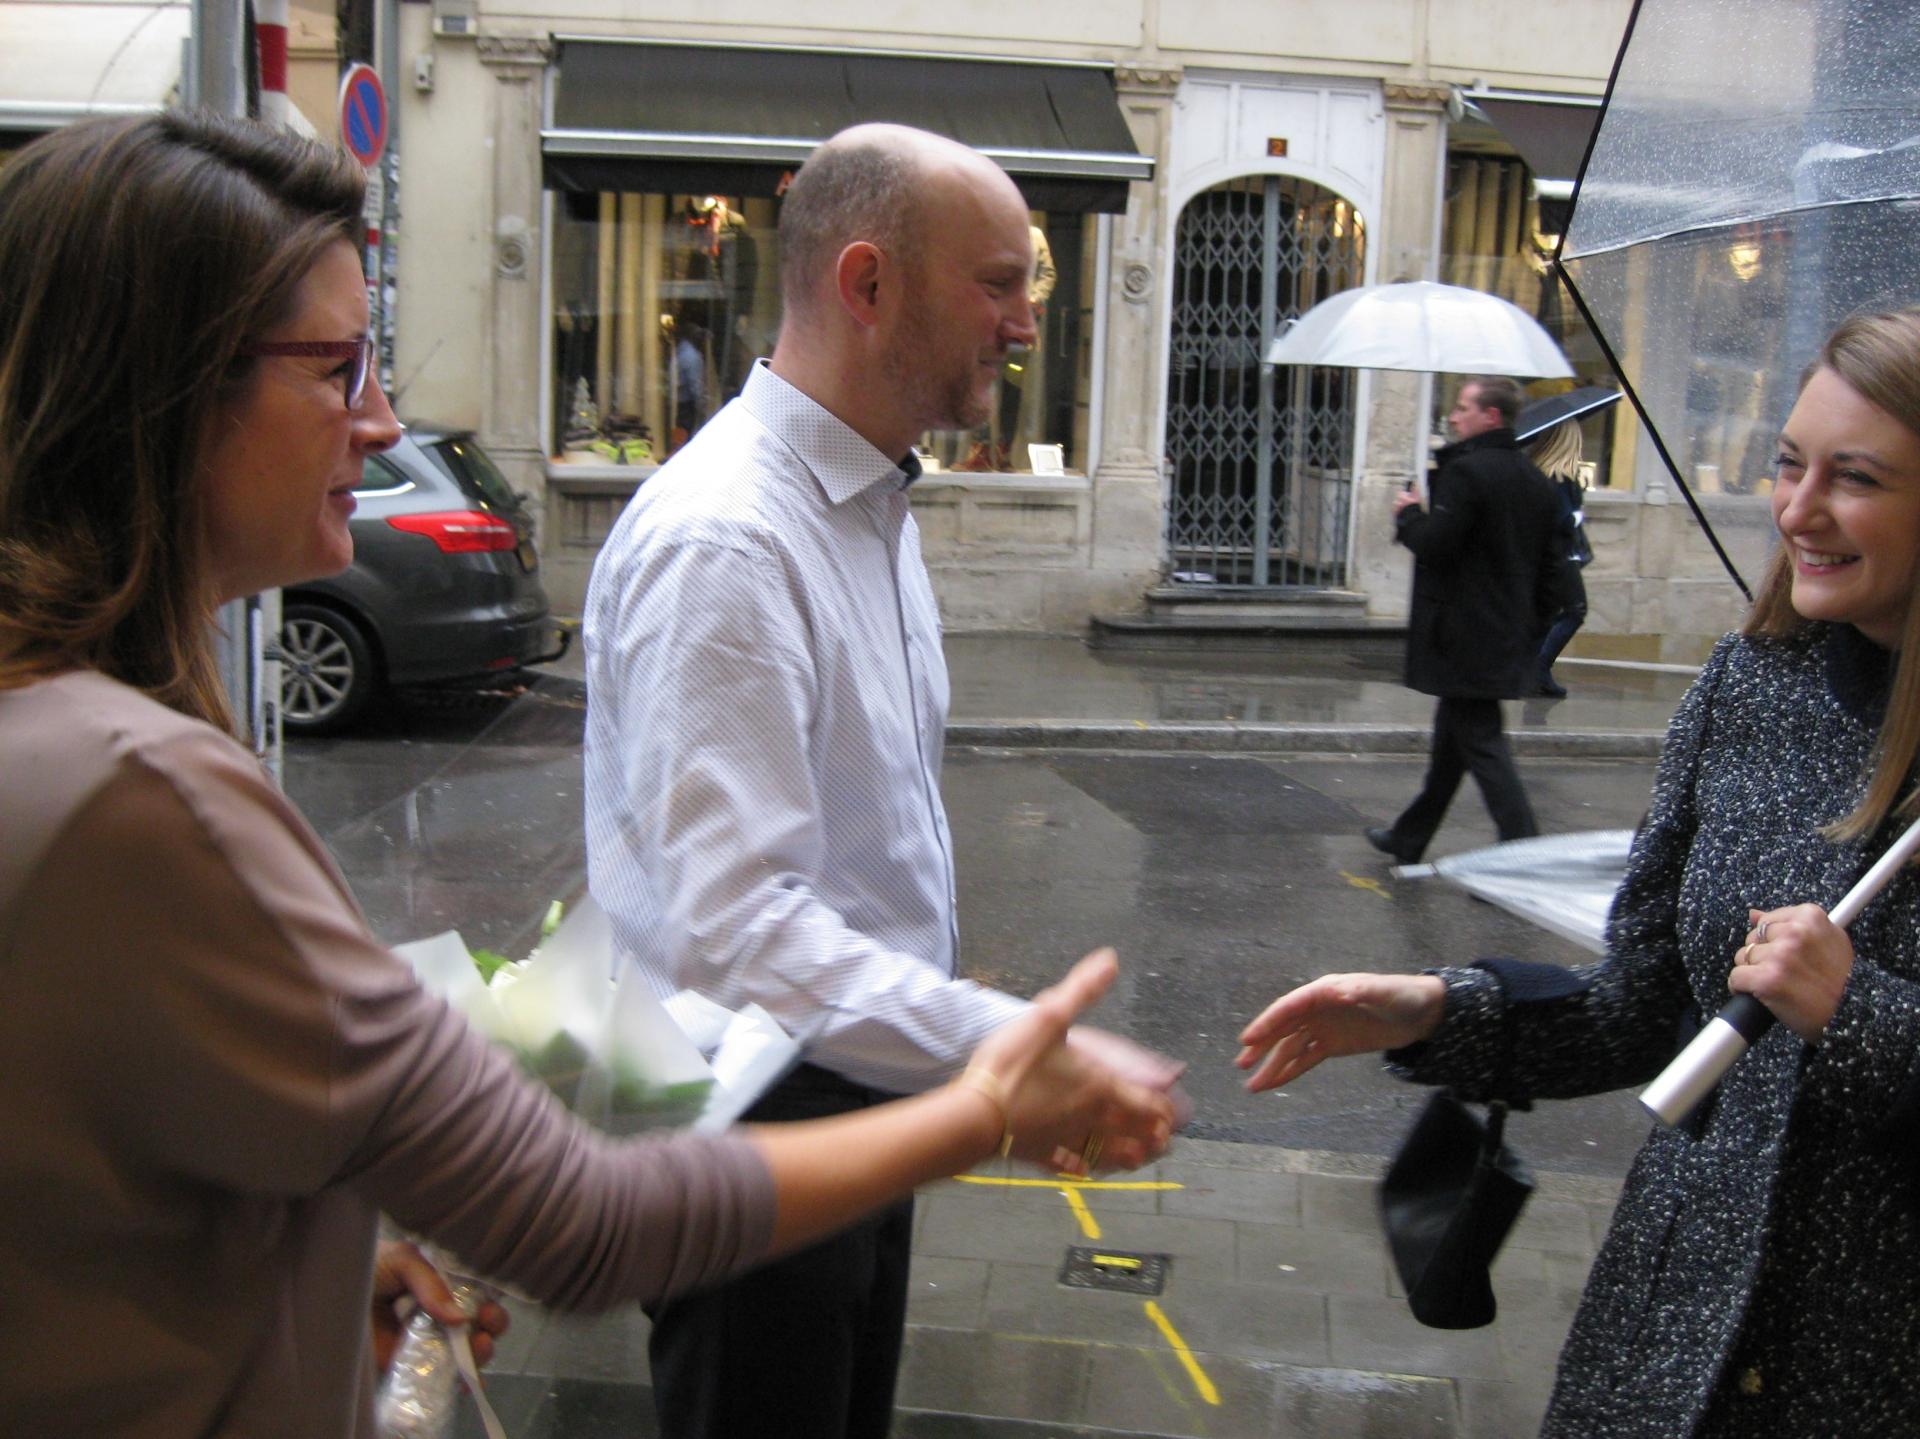 Visite de la bijouterie Goedert par le Grand-Duc héritier et la Grande-Duchesse héritière 20.11.2015